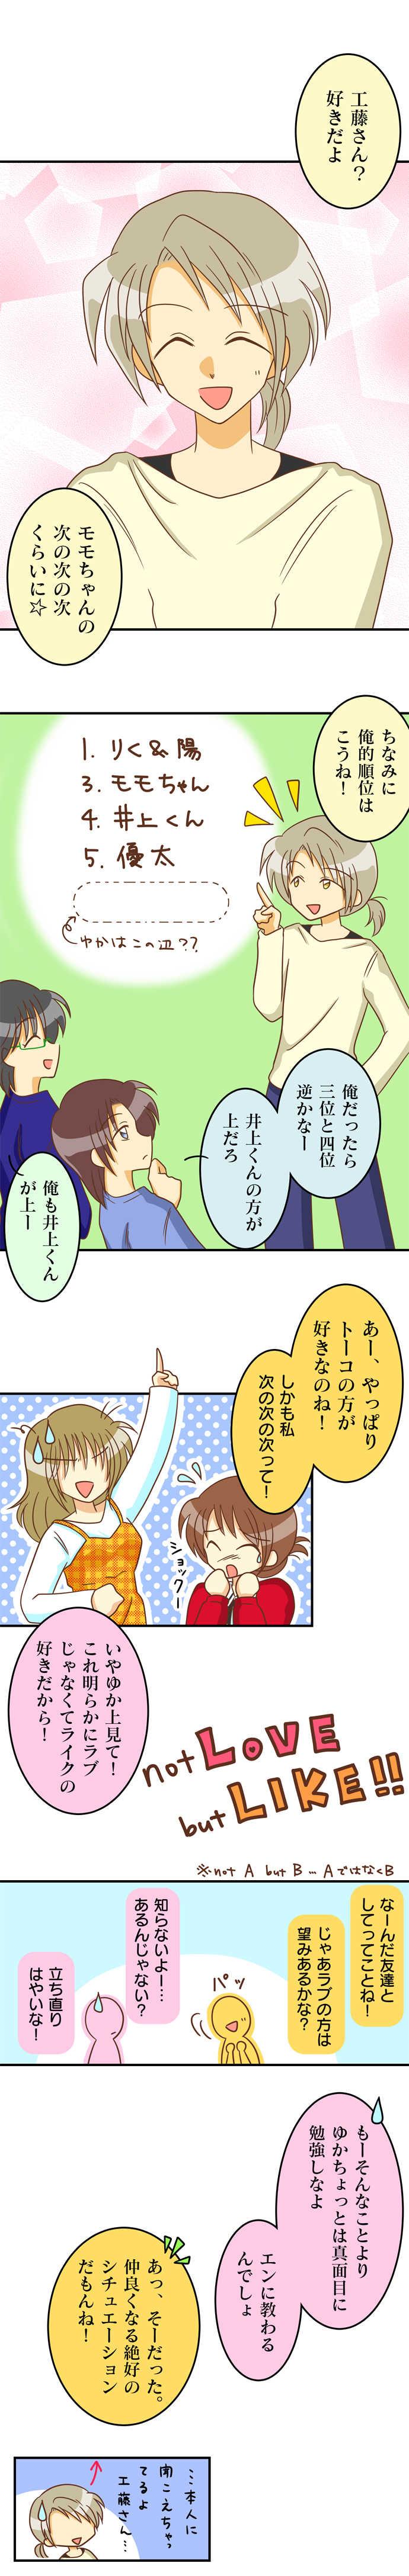 れっつ12.お勉強会!(2)